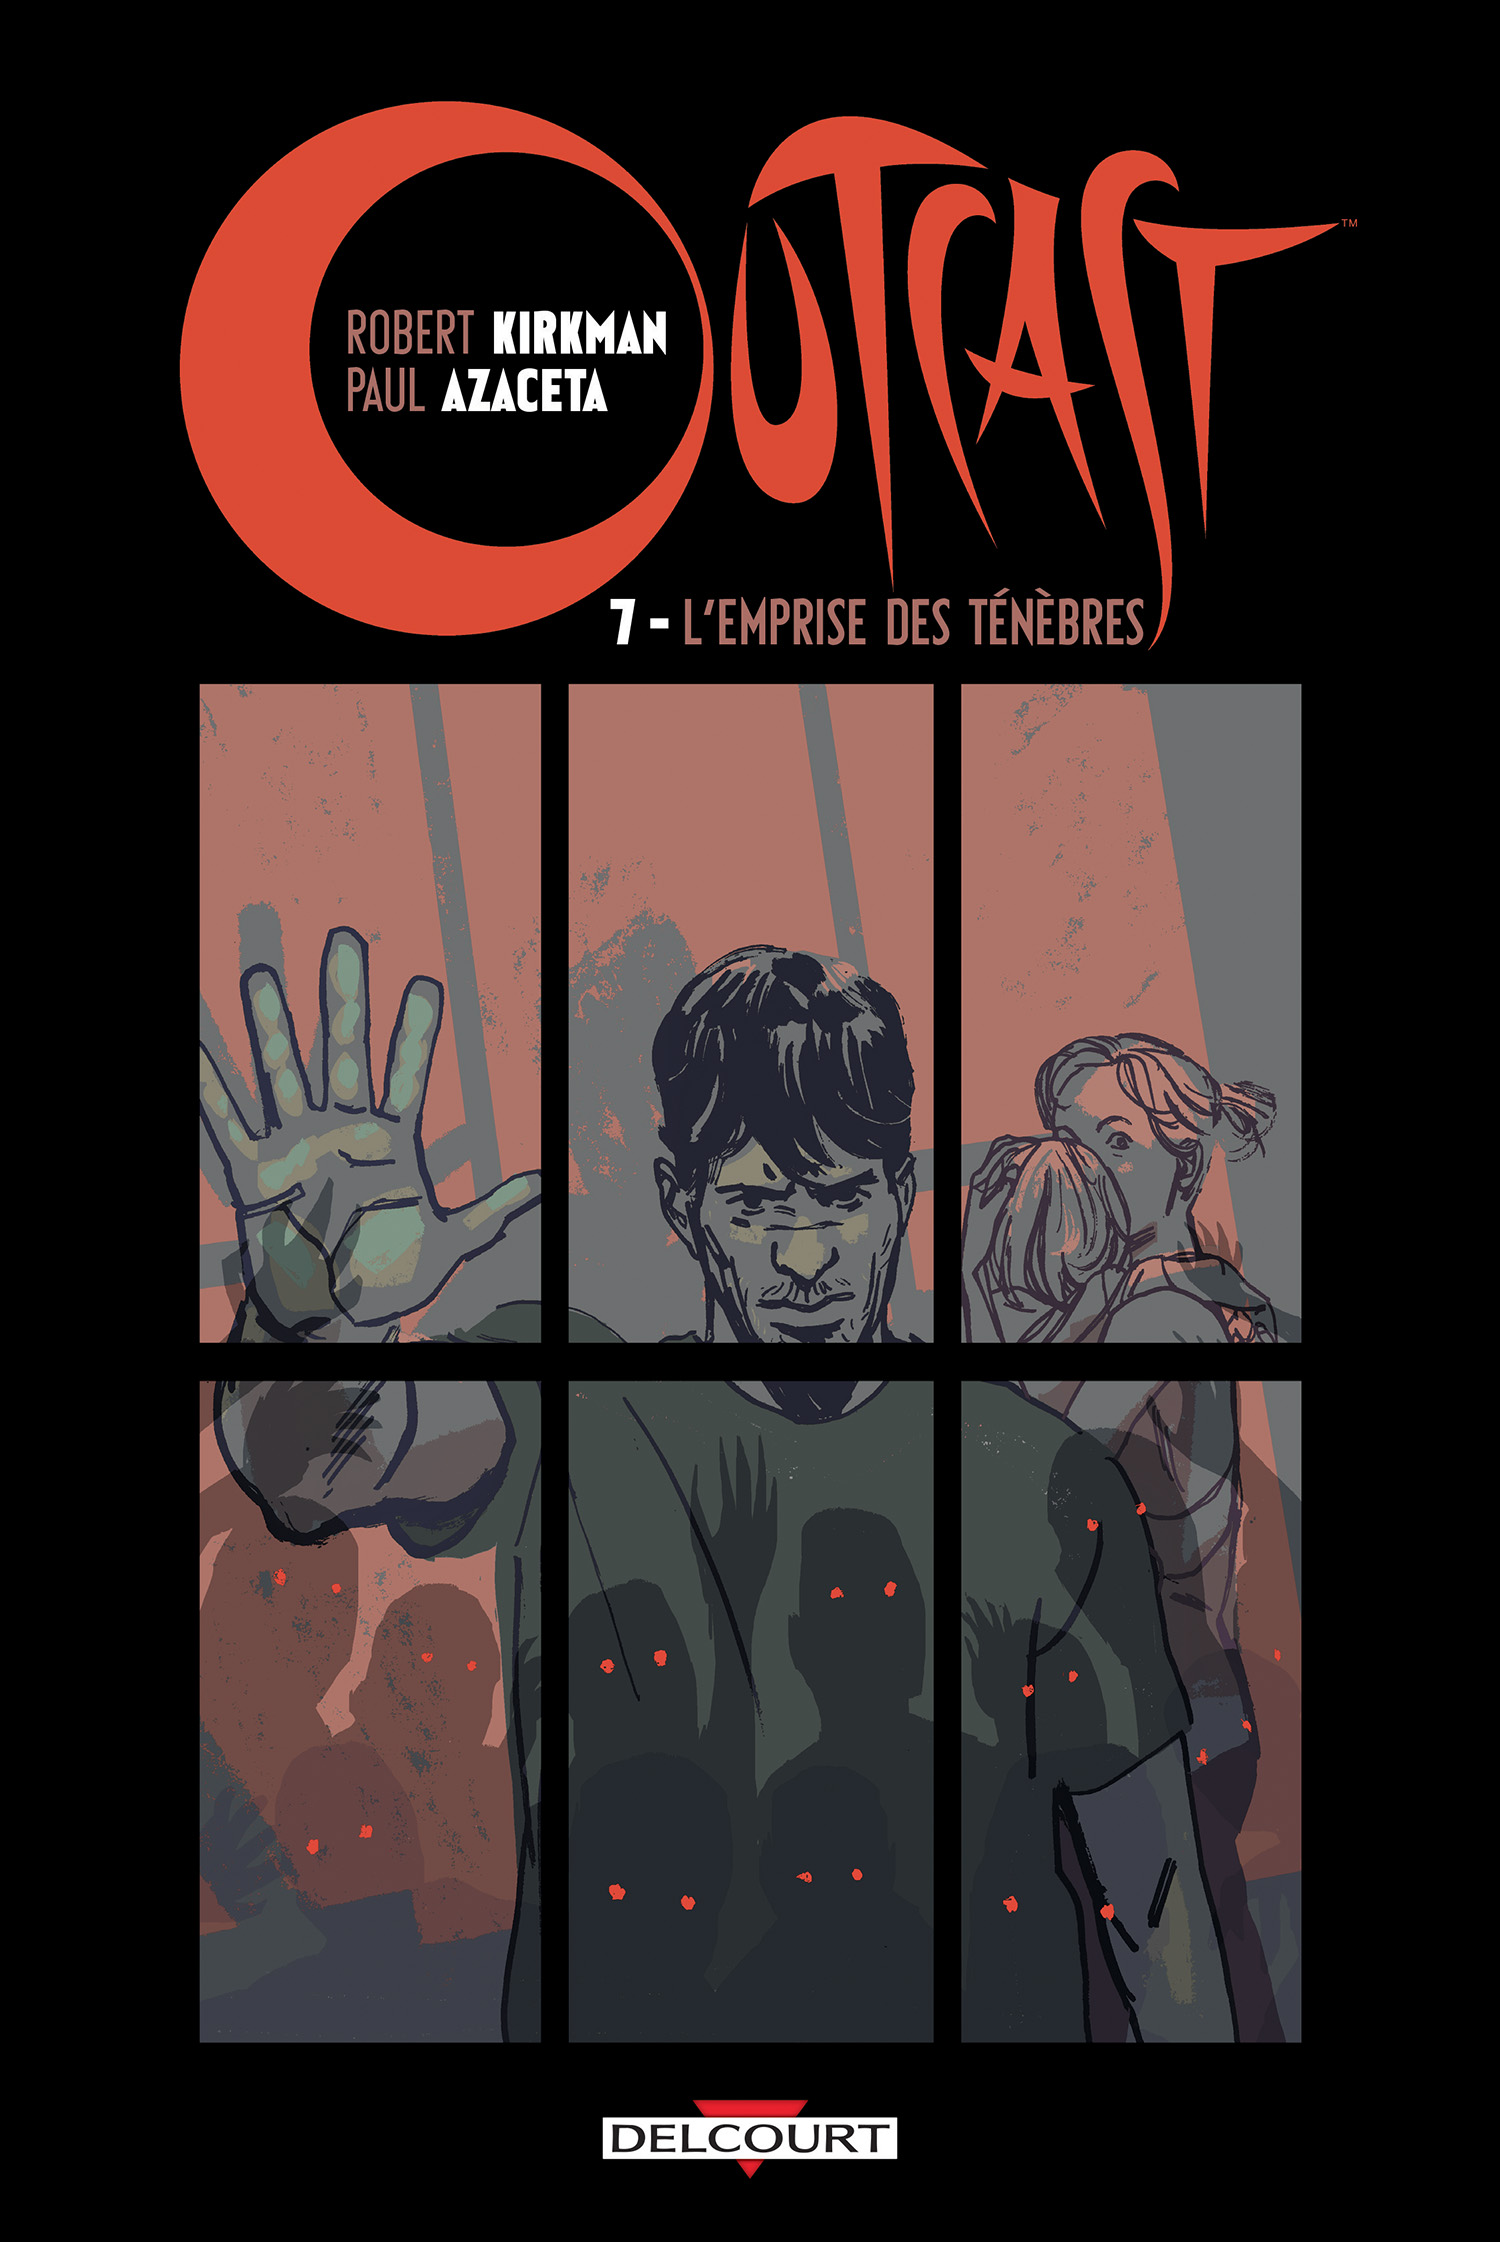 Outcast 7 - L'emprise des ténèbres